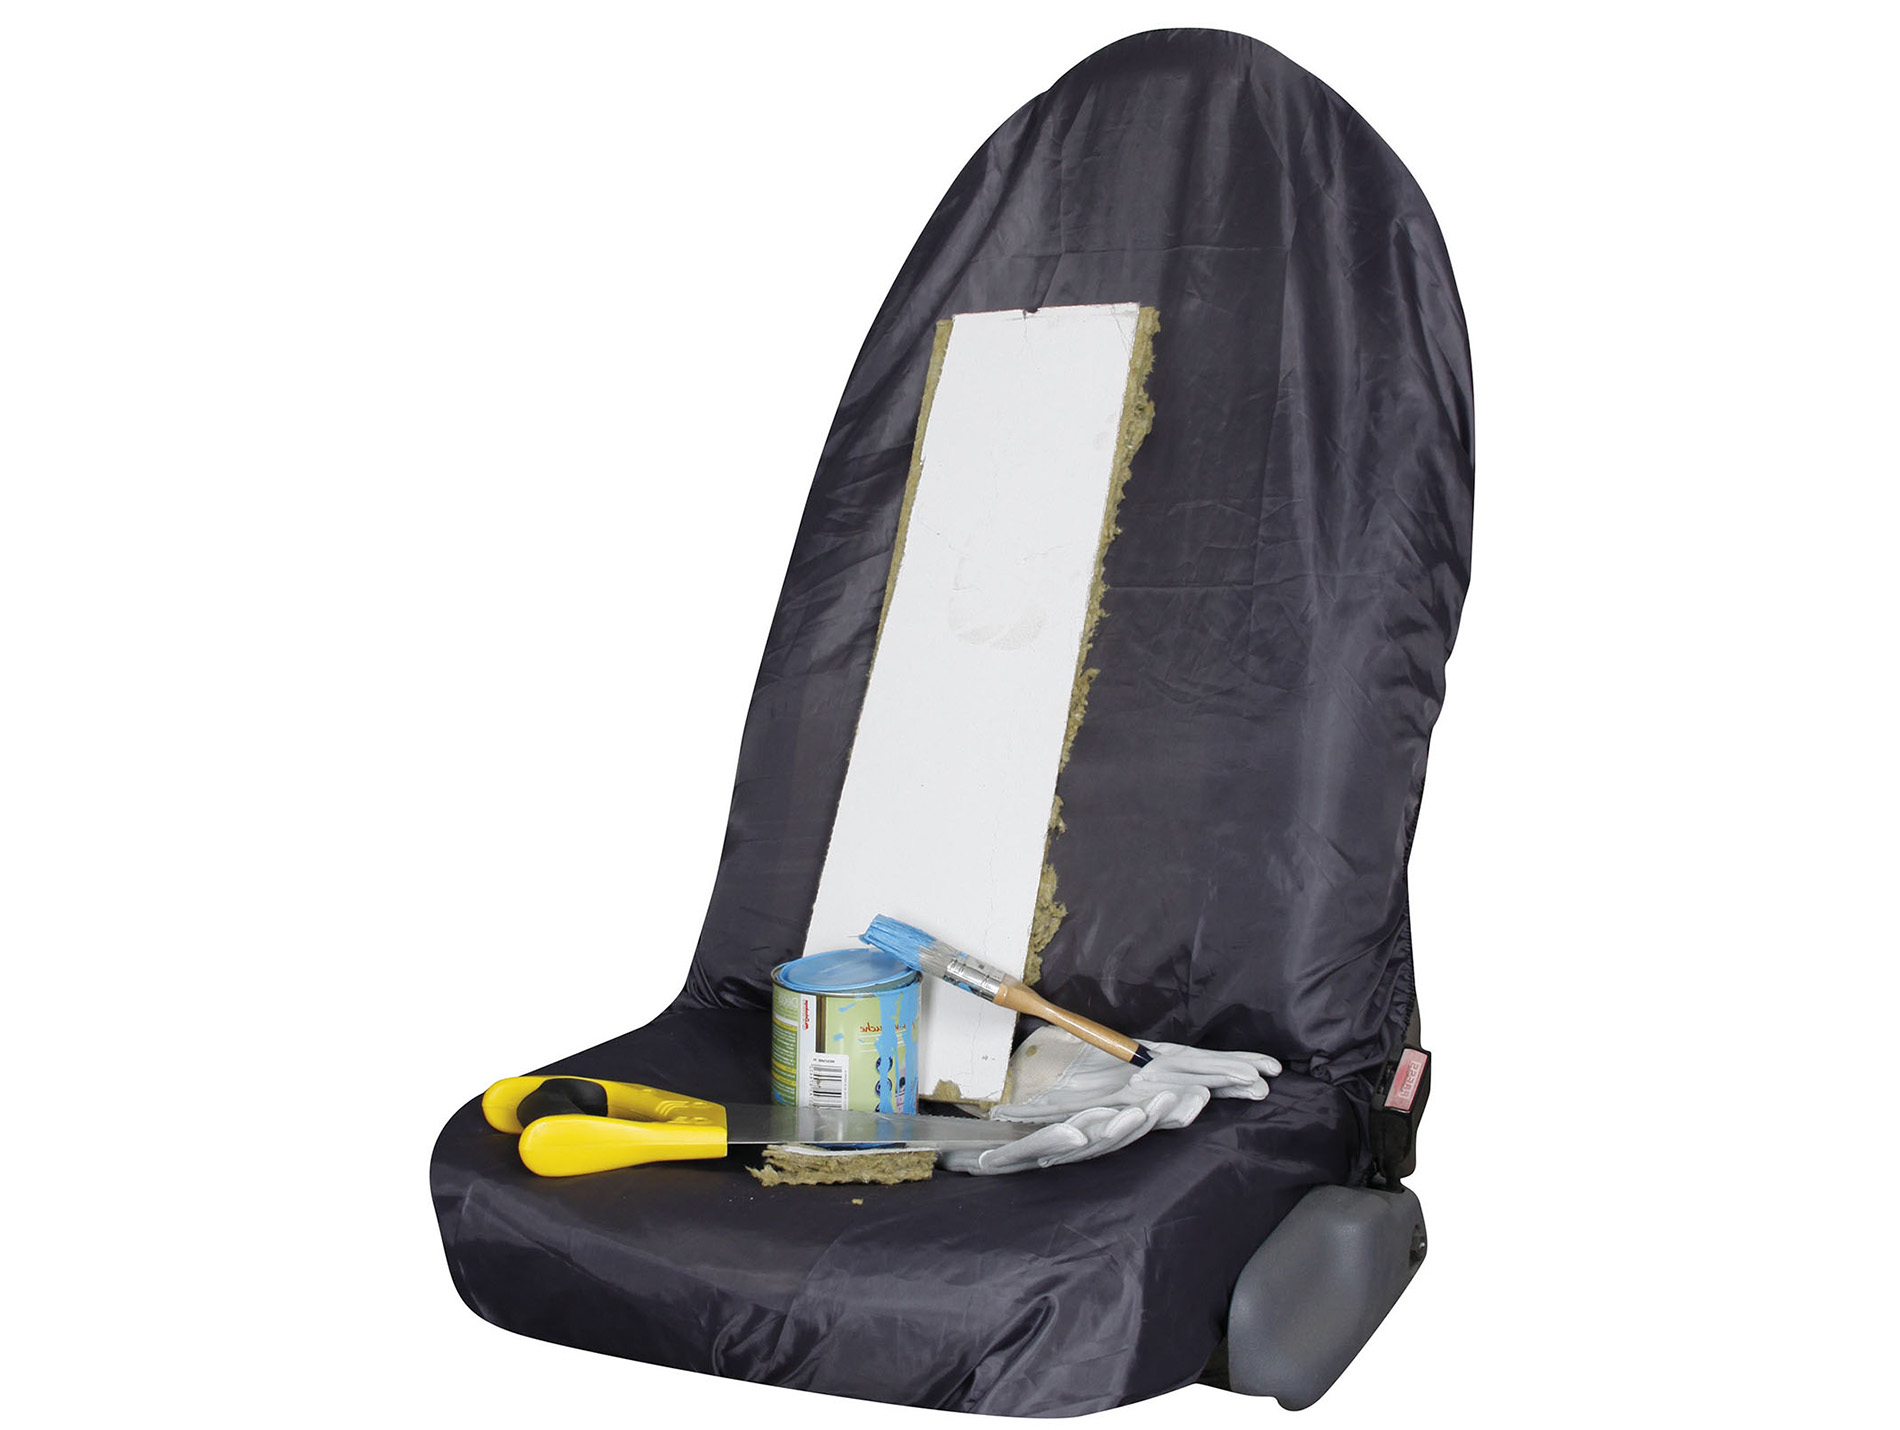 housse de si ge voiture accessoires auto et confort entretien et quipement auto remorques. Black Bedroom Furniture Sets. Home Design Ideas